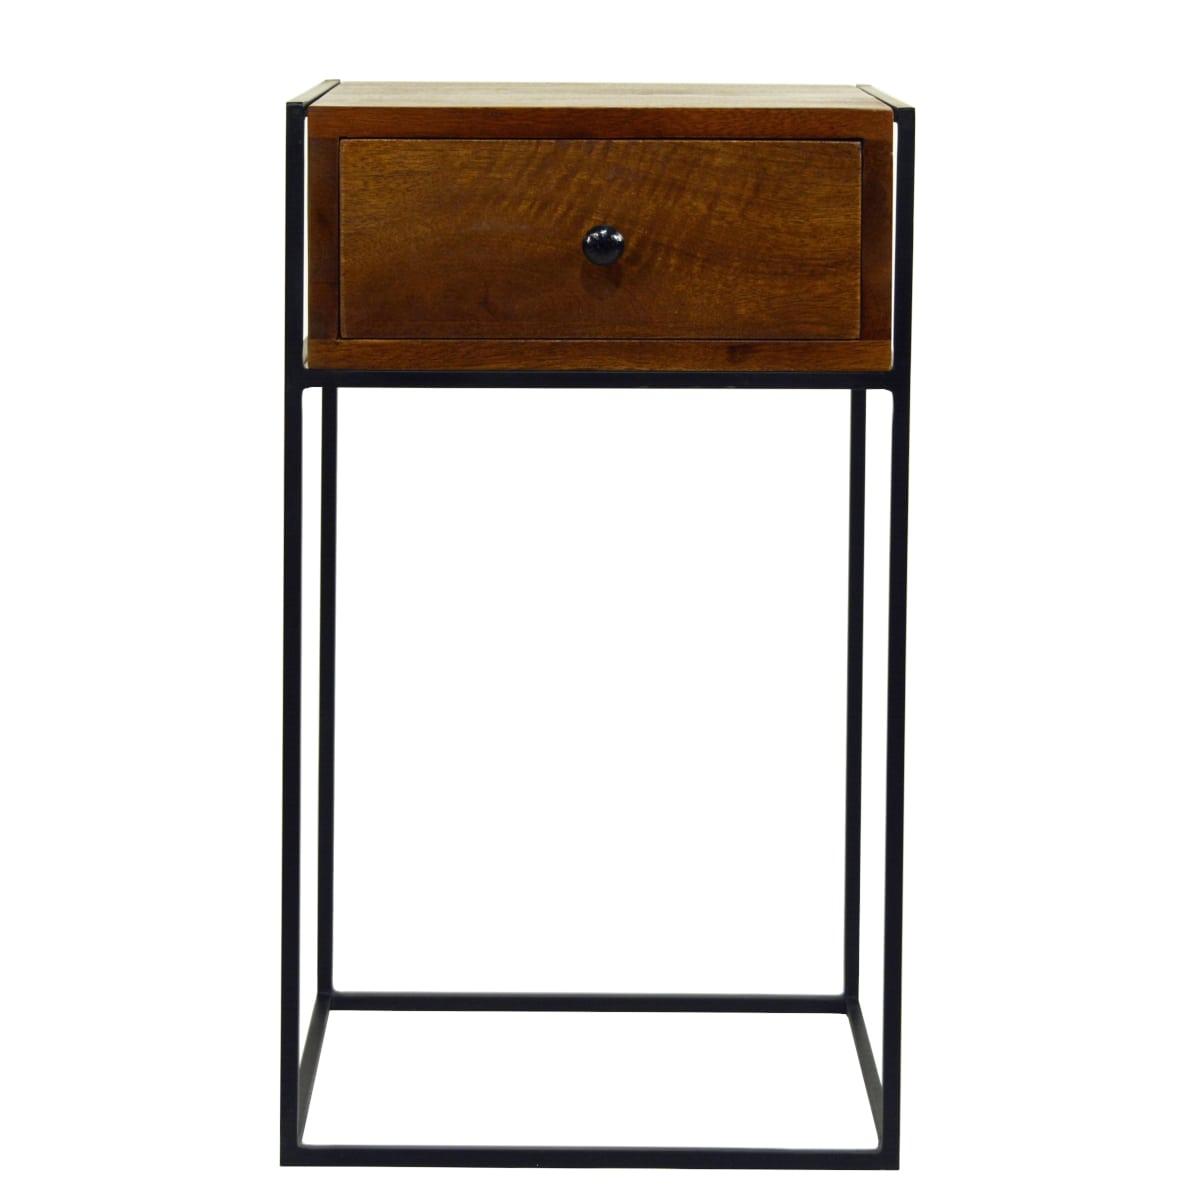 Beistelltisch oder Nachttisch walnuss-farben und schwarzes Metall